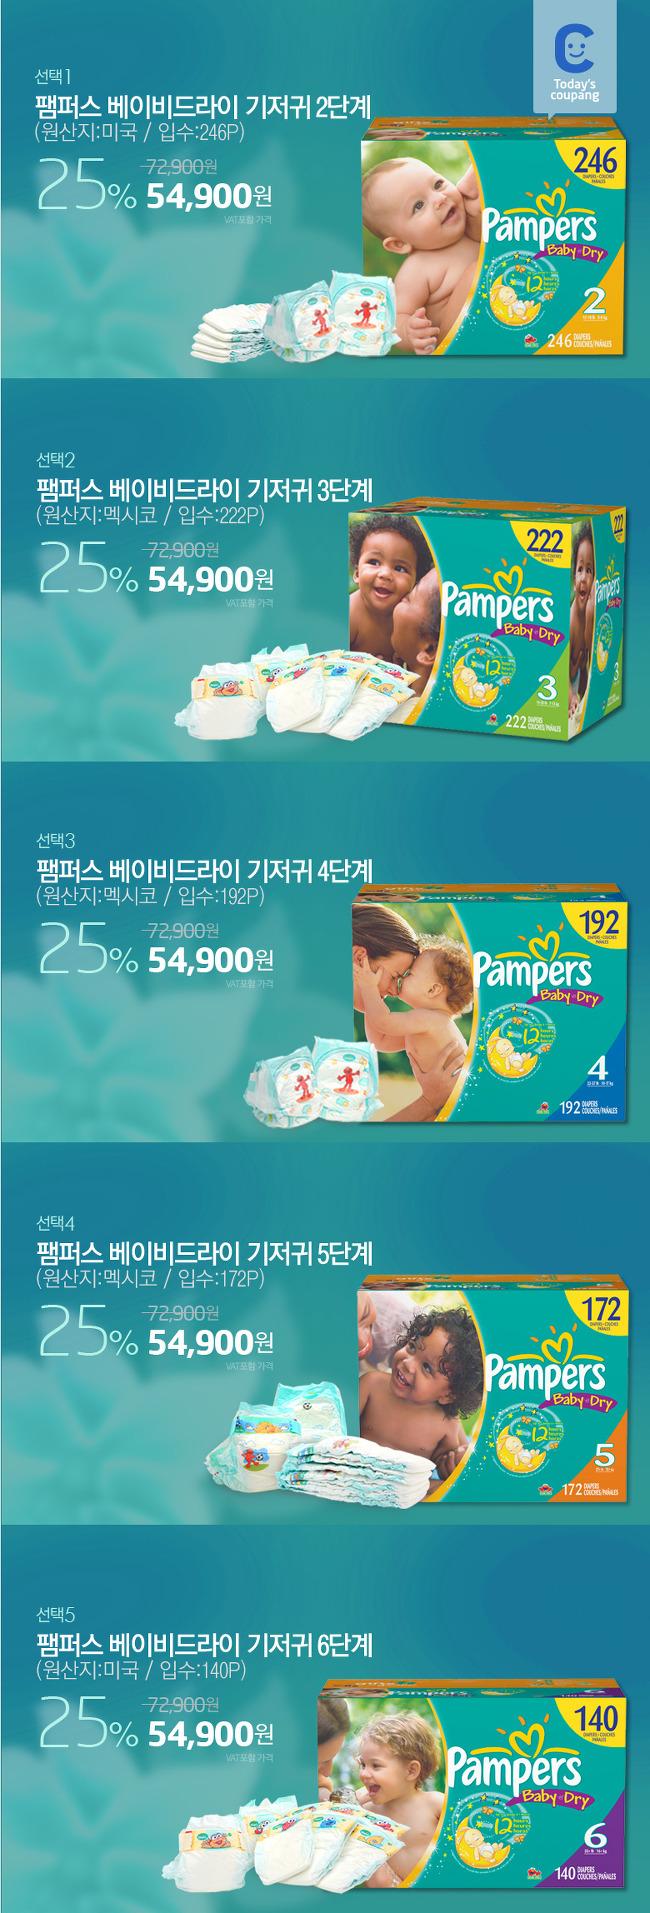 쿠팡 팸퍼스 기저귀 판매